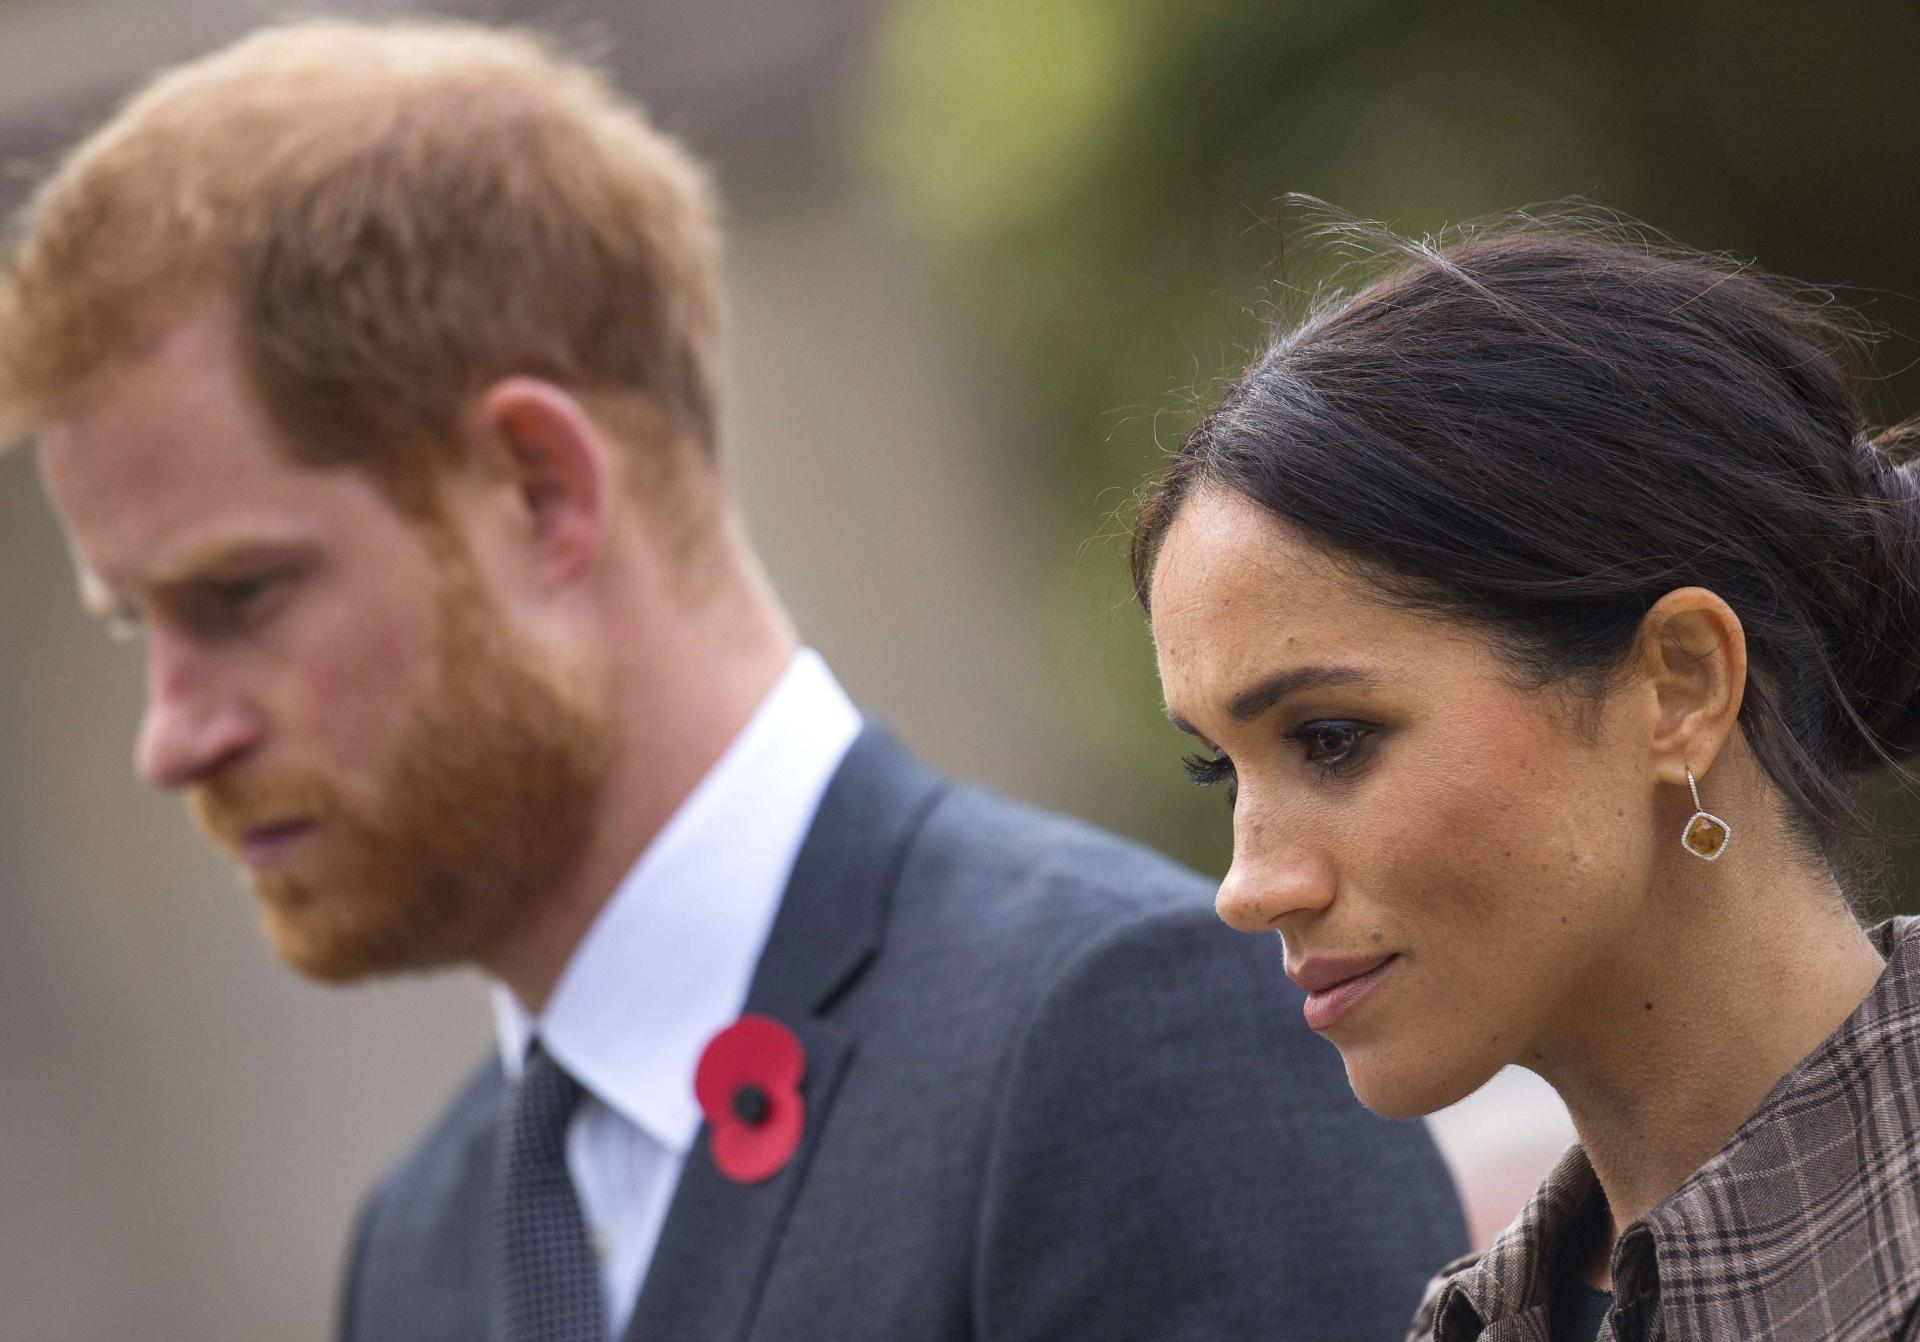 Meghan markle et le prince harry ingerables ces nombreux proches qui leur ont tourne le dos